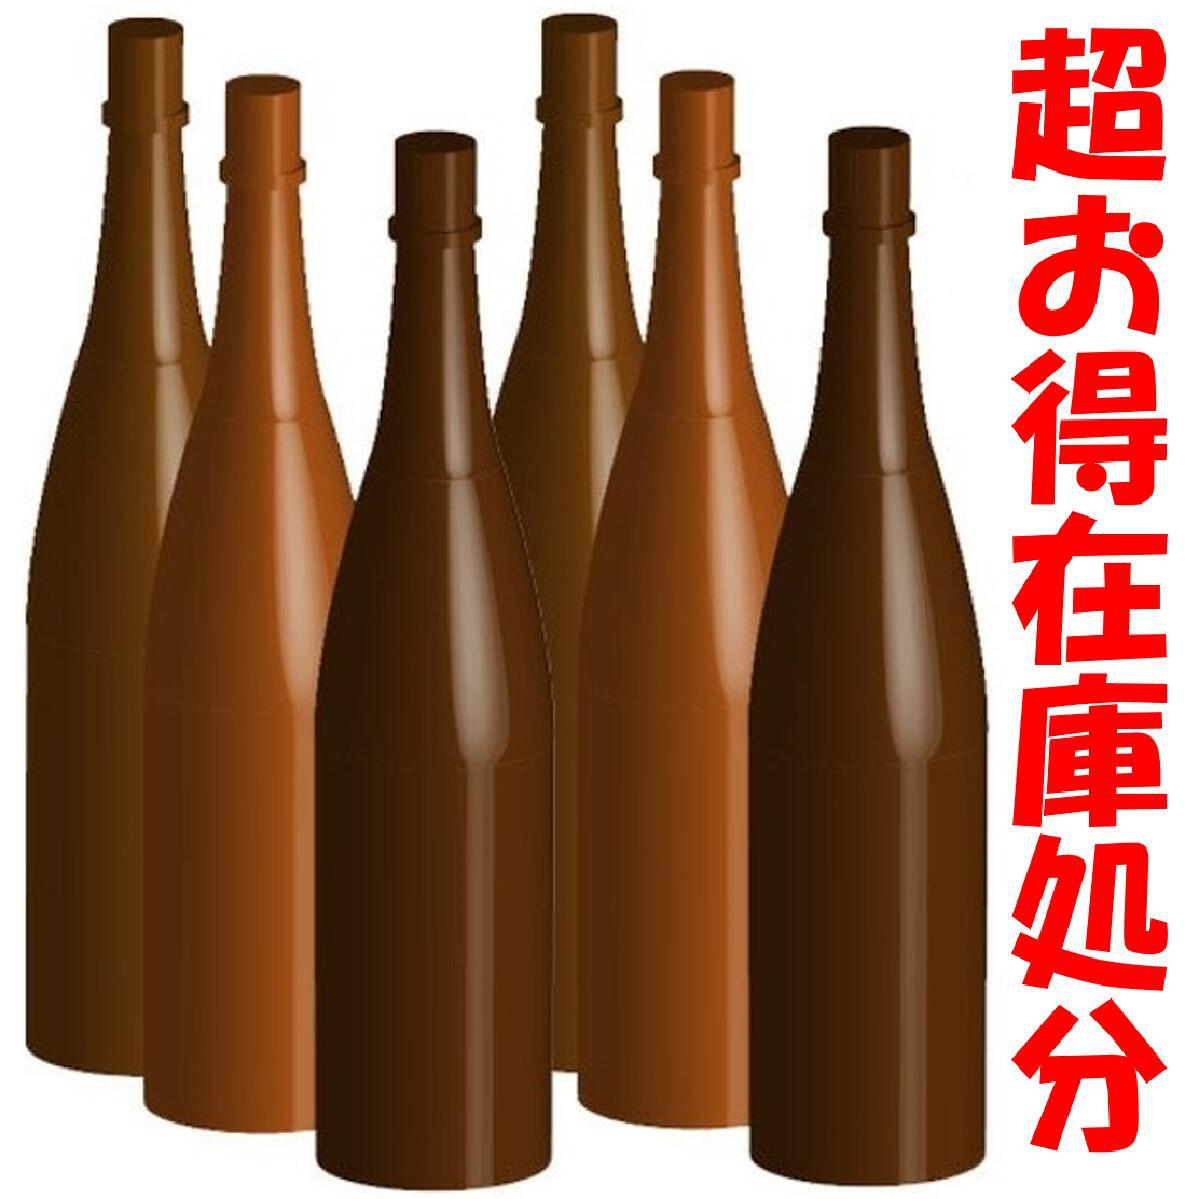 焼酎, 飲み比べセット  720ml 6